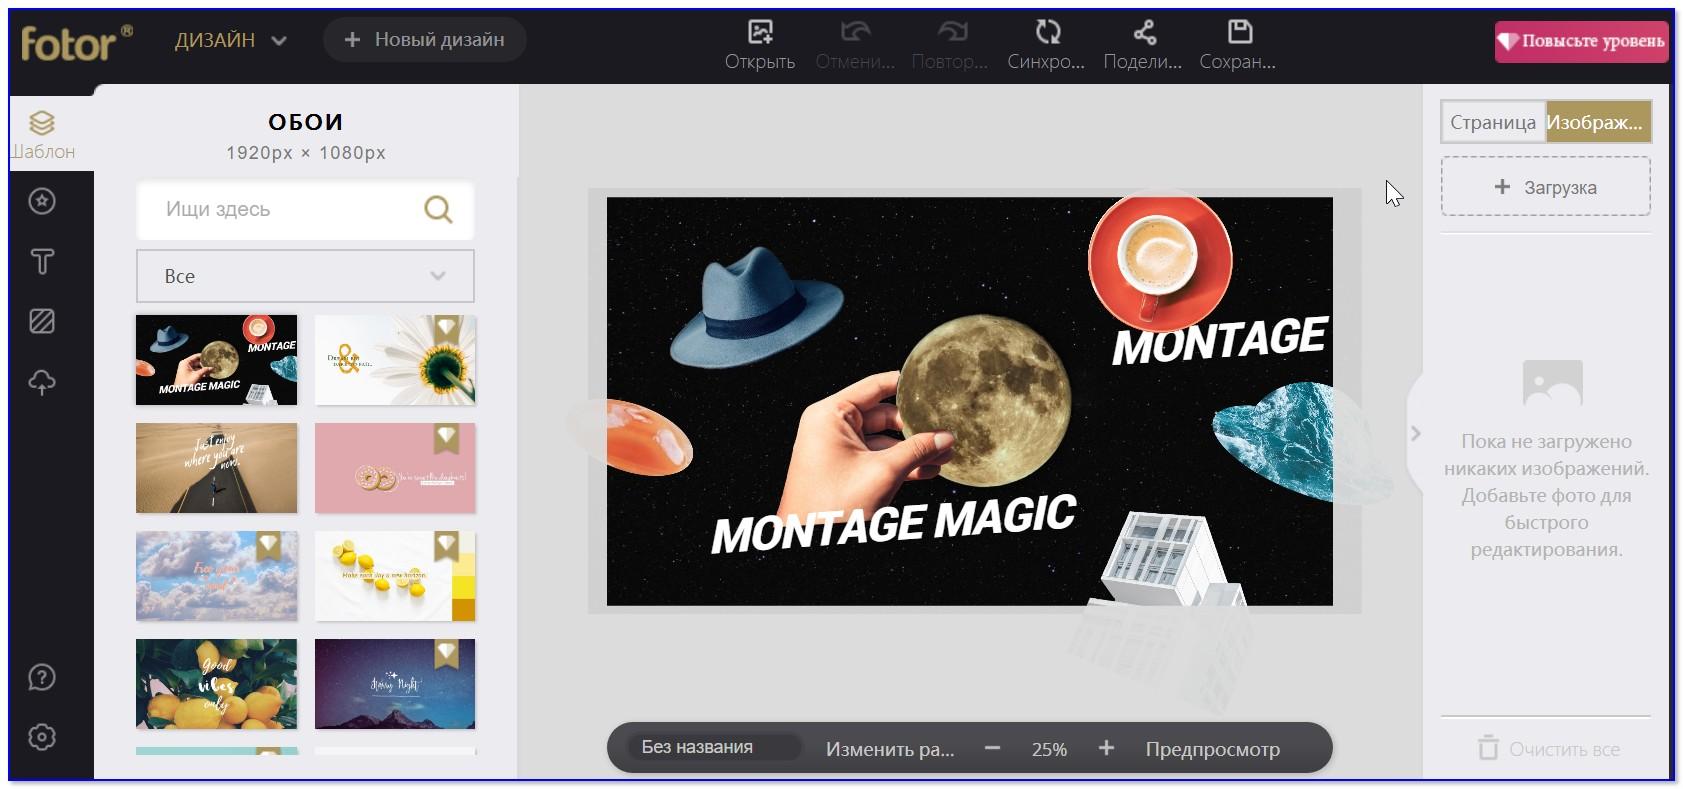 Скриншот онлайн-редактора Fotor